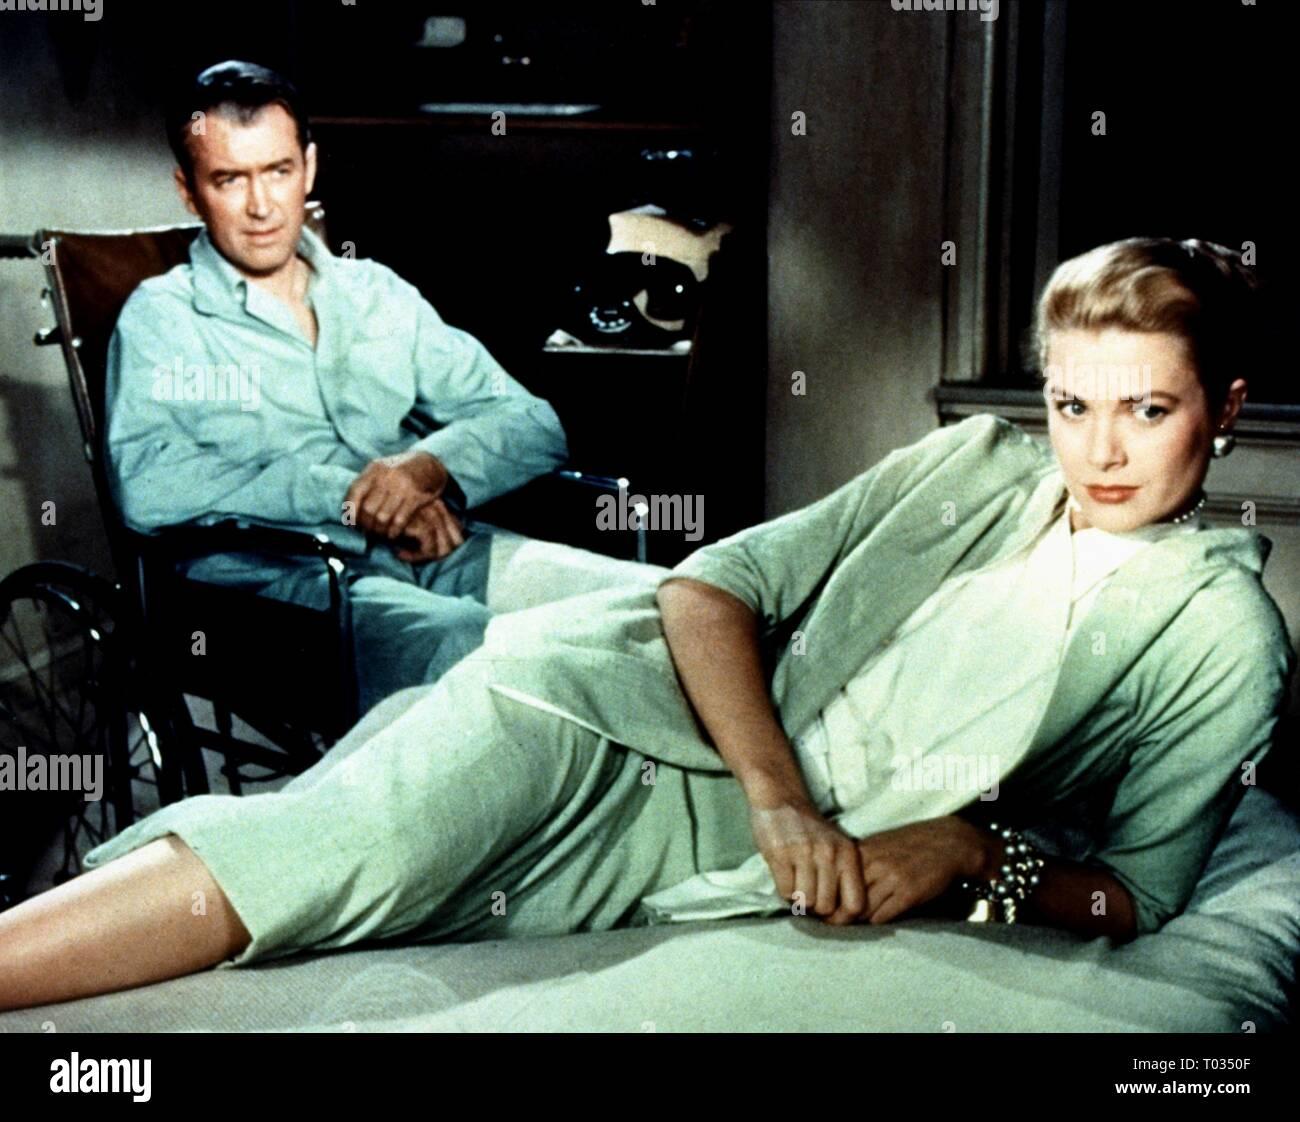 JAMES STEWART, GRACE KELLY, REAR WINDOW, 1954 - Stock Image